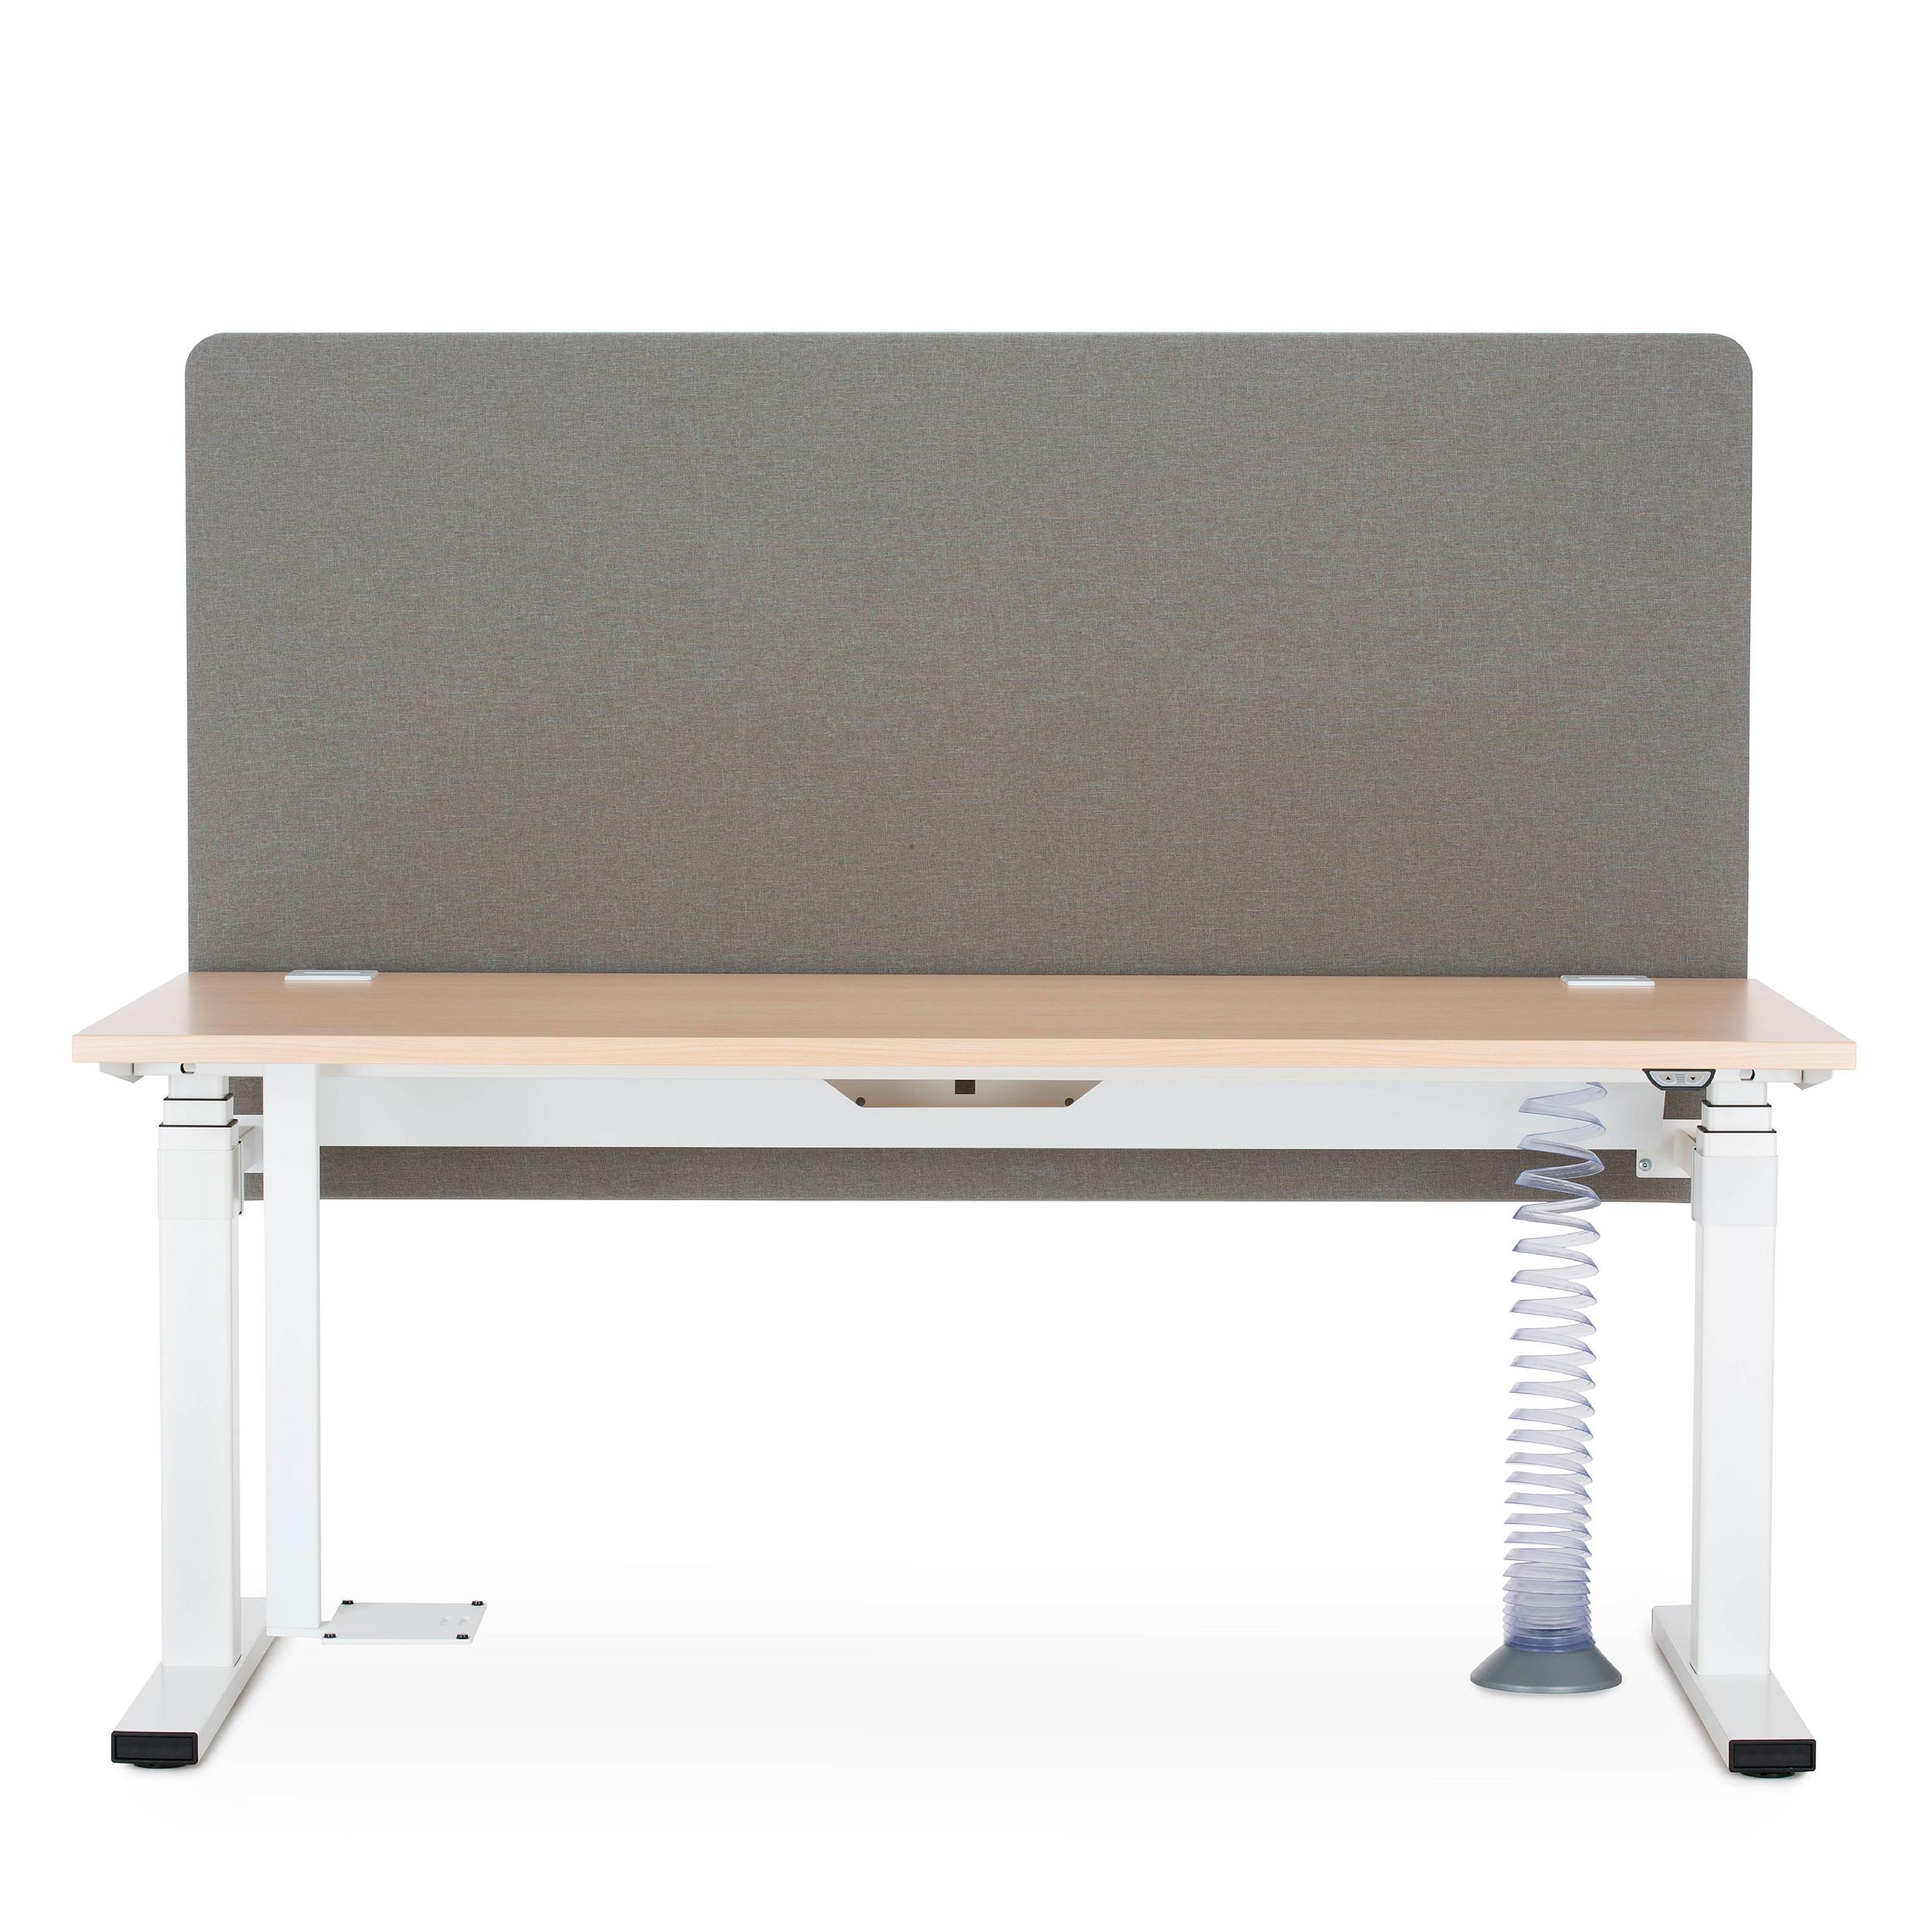 Bureau r glable en hauteur lectrique model desk - Bureau reglable en hauteur electrique ...